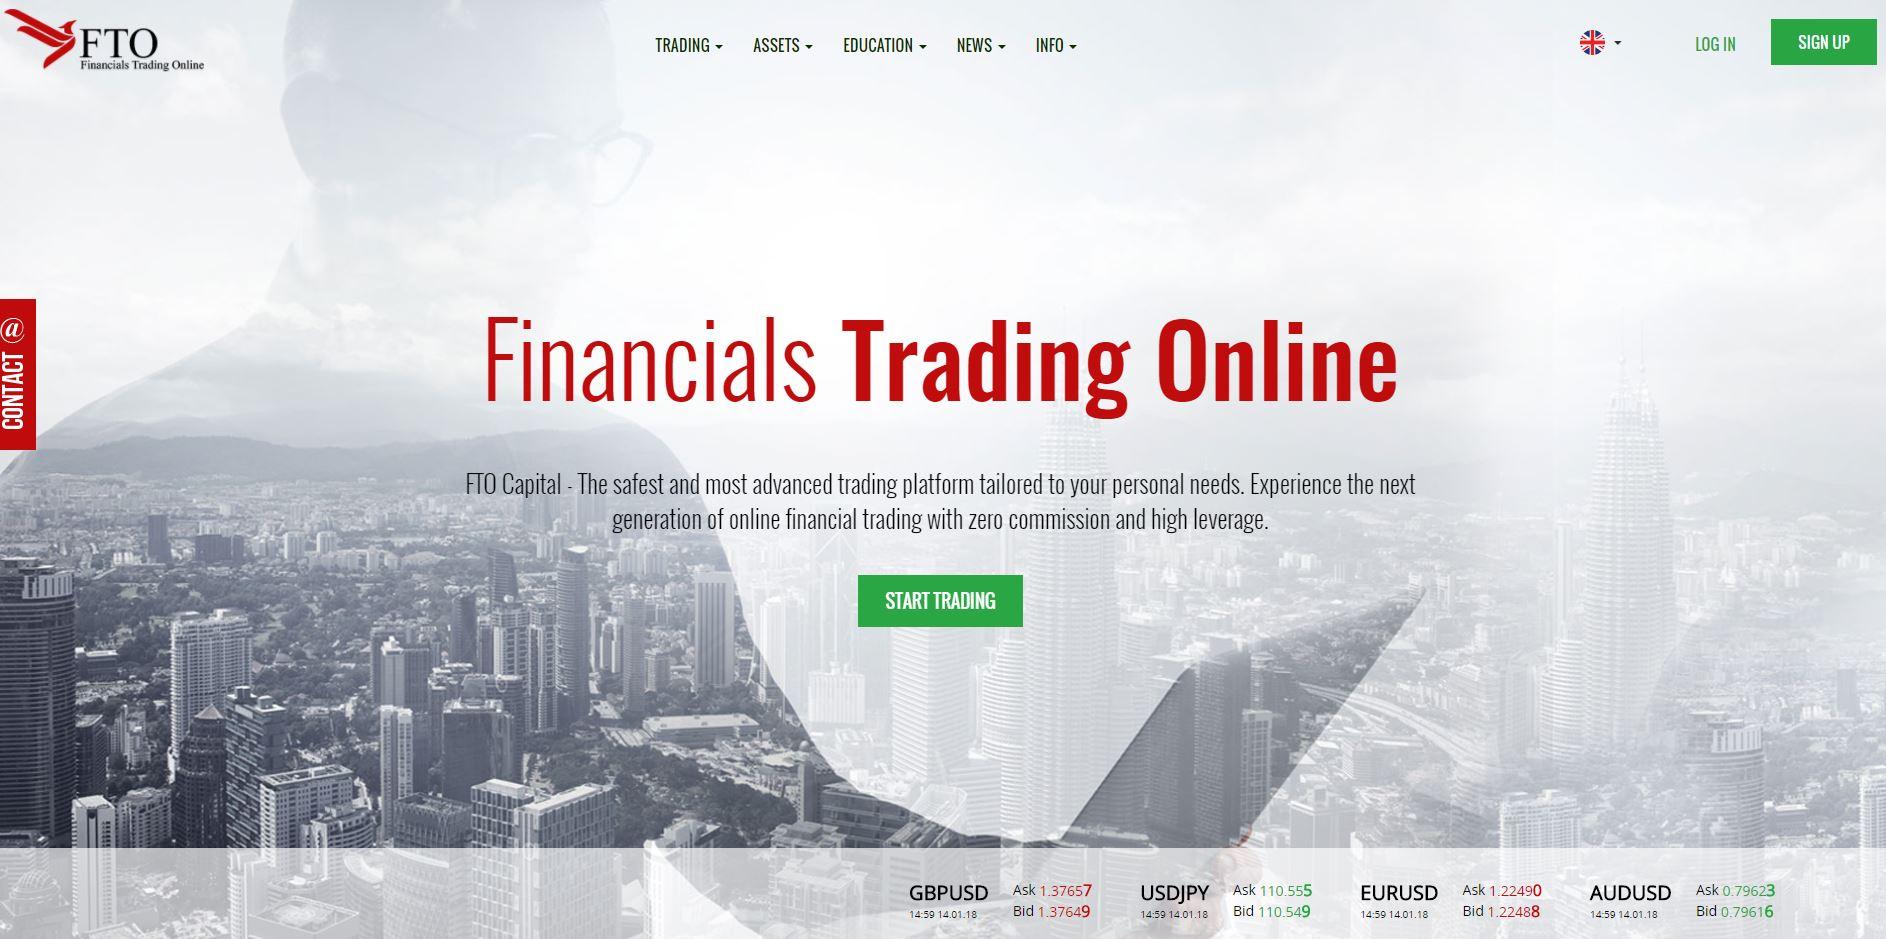 fto bitcoin trader robinhood crypto įsigijimo galia